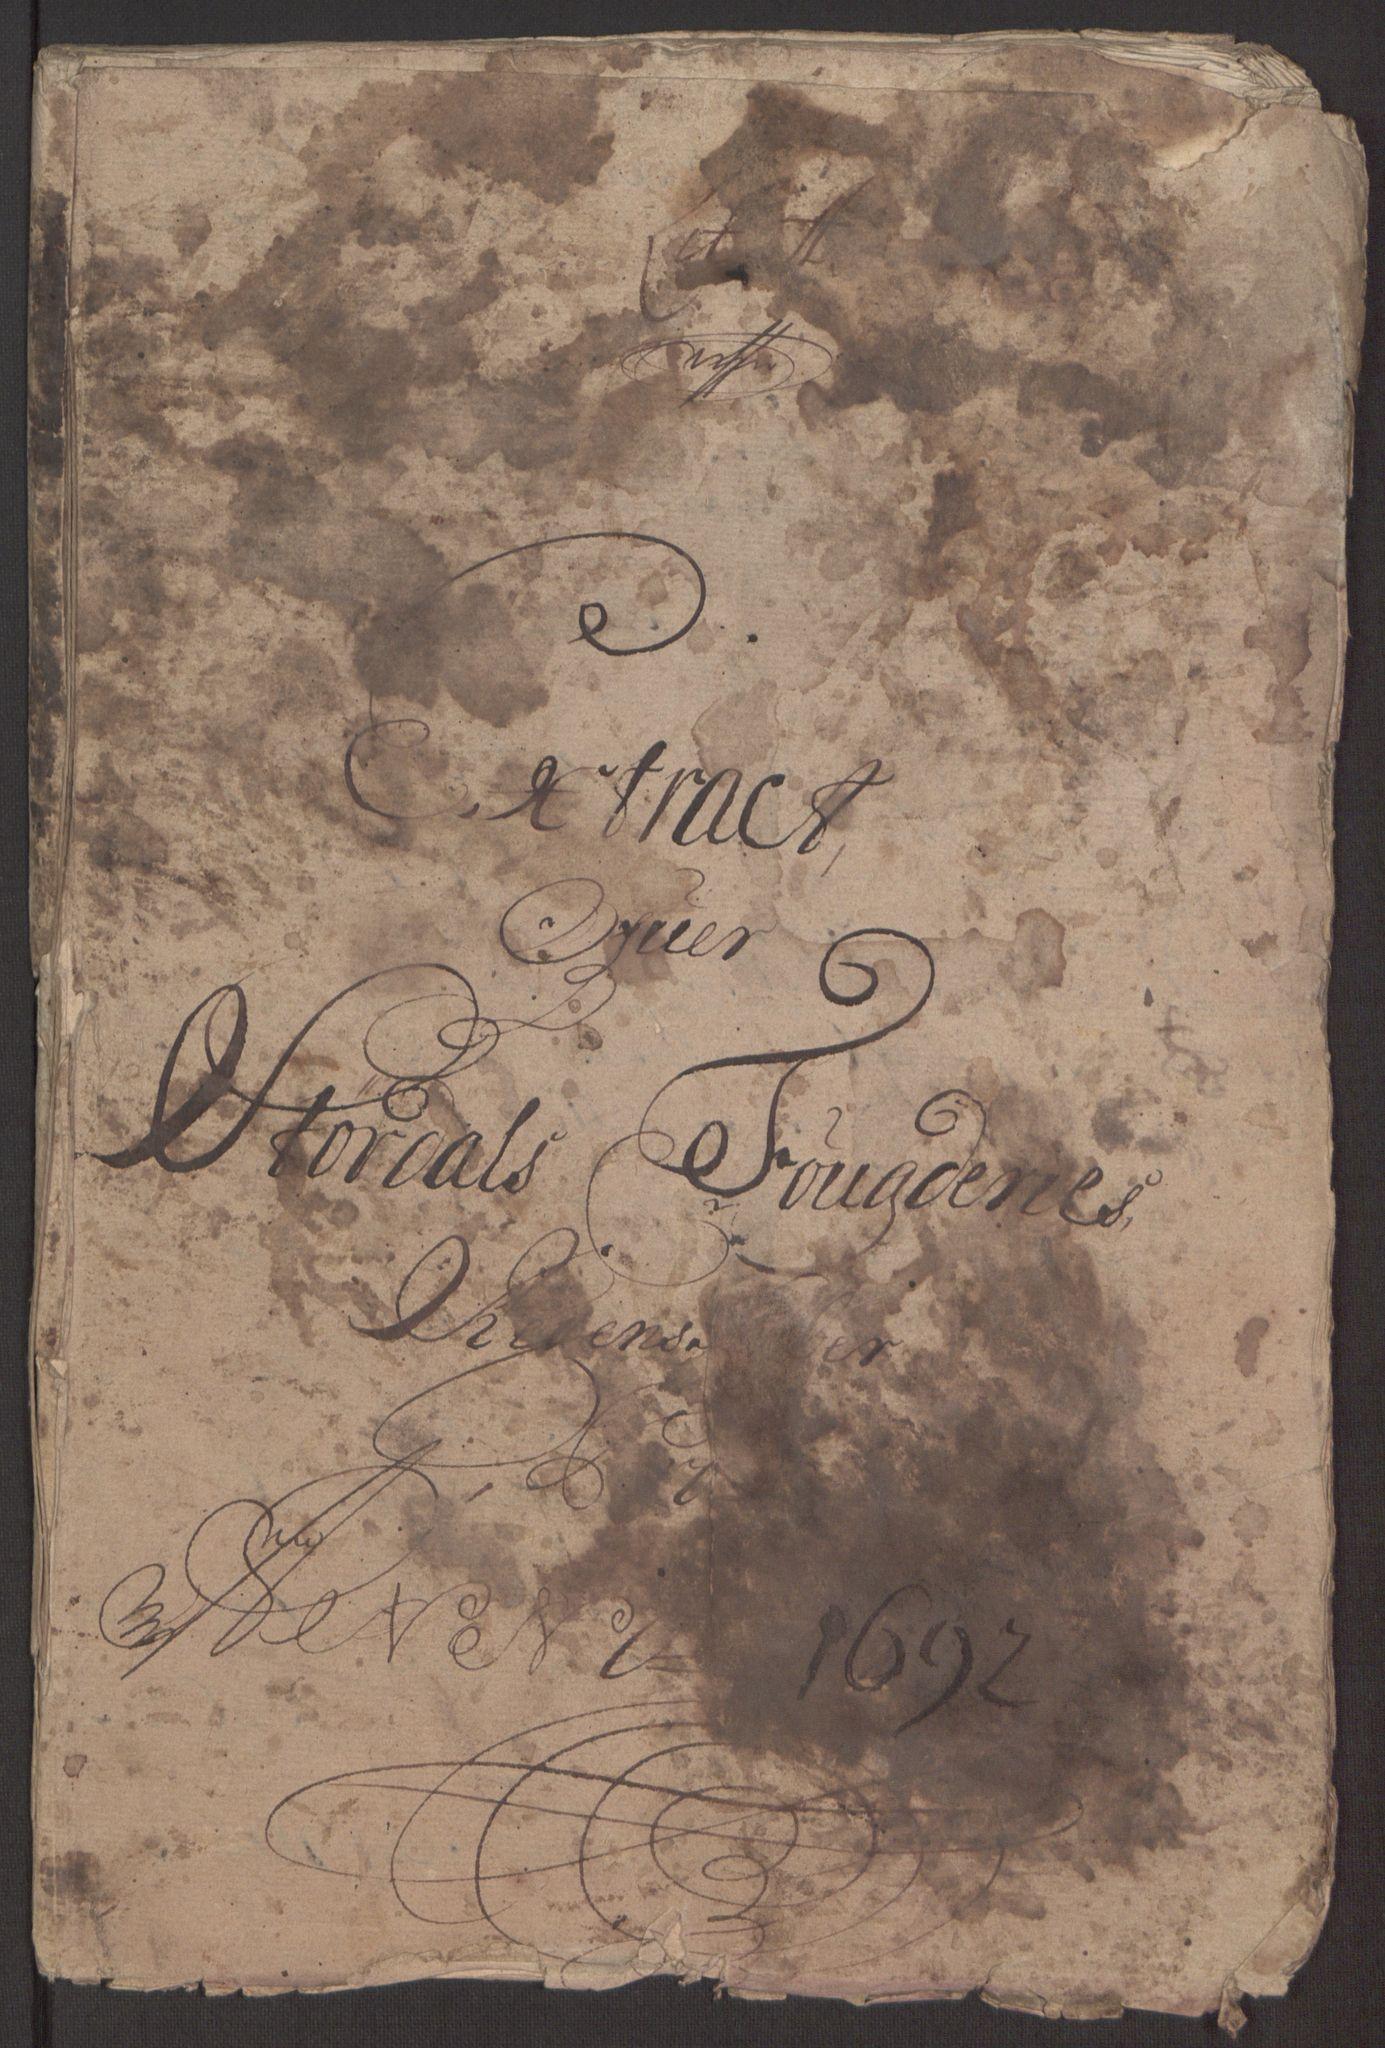 RA, Rentekammeret inntil 1814, Reviderte regnskaper, Fogderegnskap, R62/L4185: Fogderegnskap Stjørdal og Verdal, 1692, s. 7